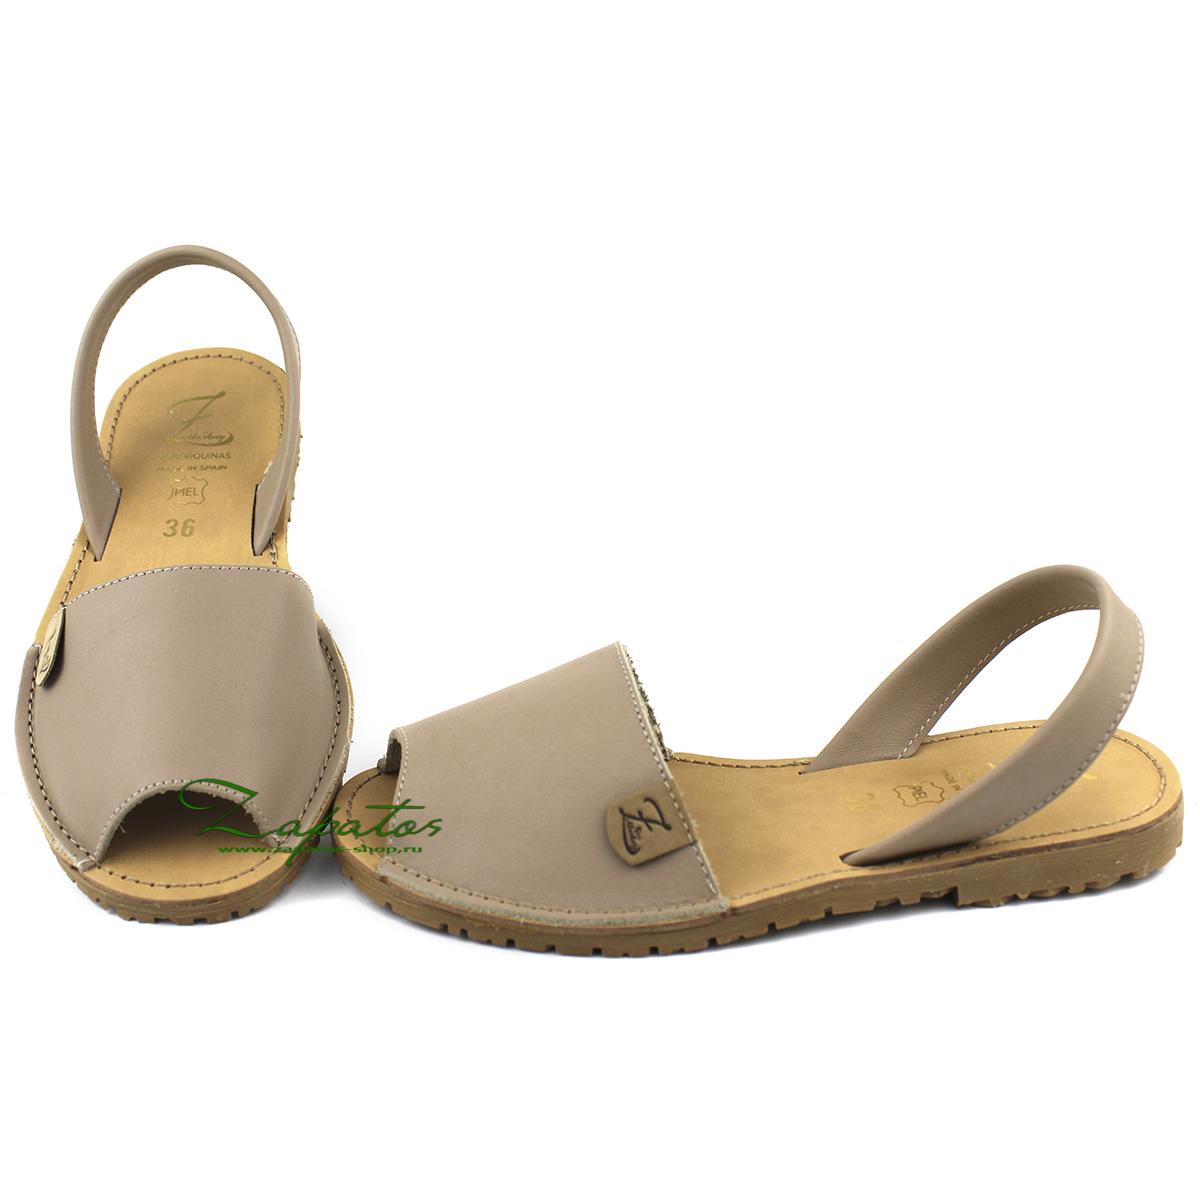 Абаркасы AB. Zapatos 320 taupe — karamelo